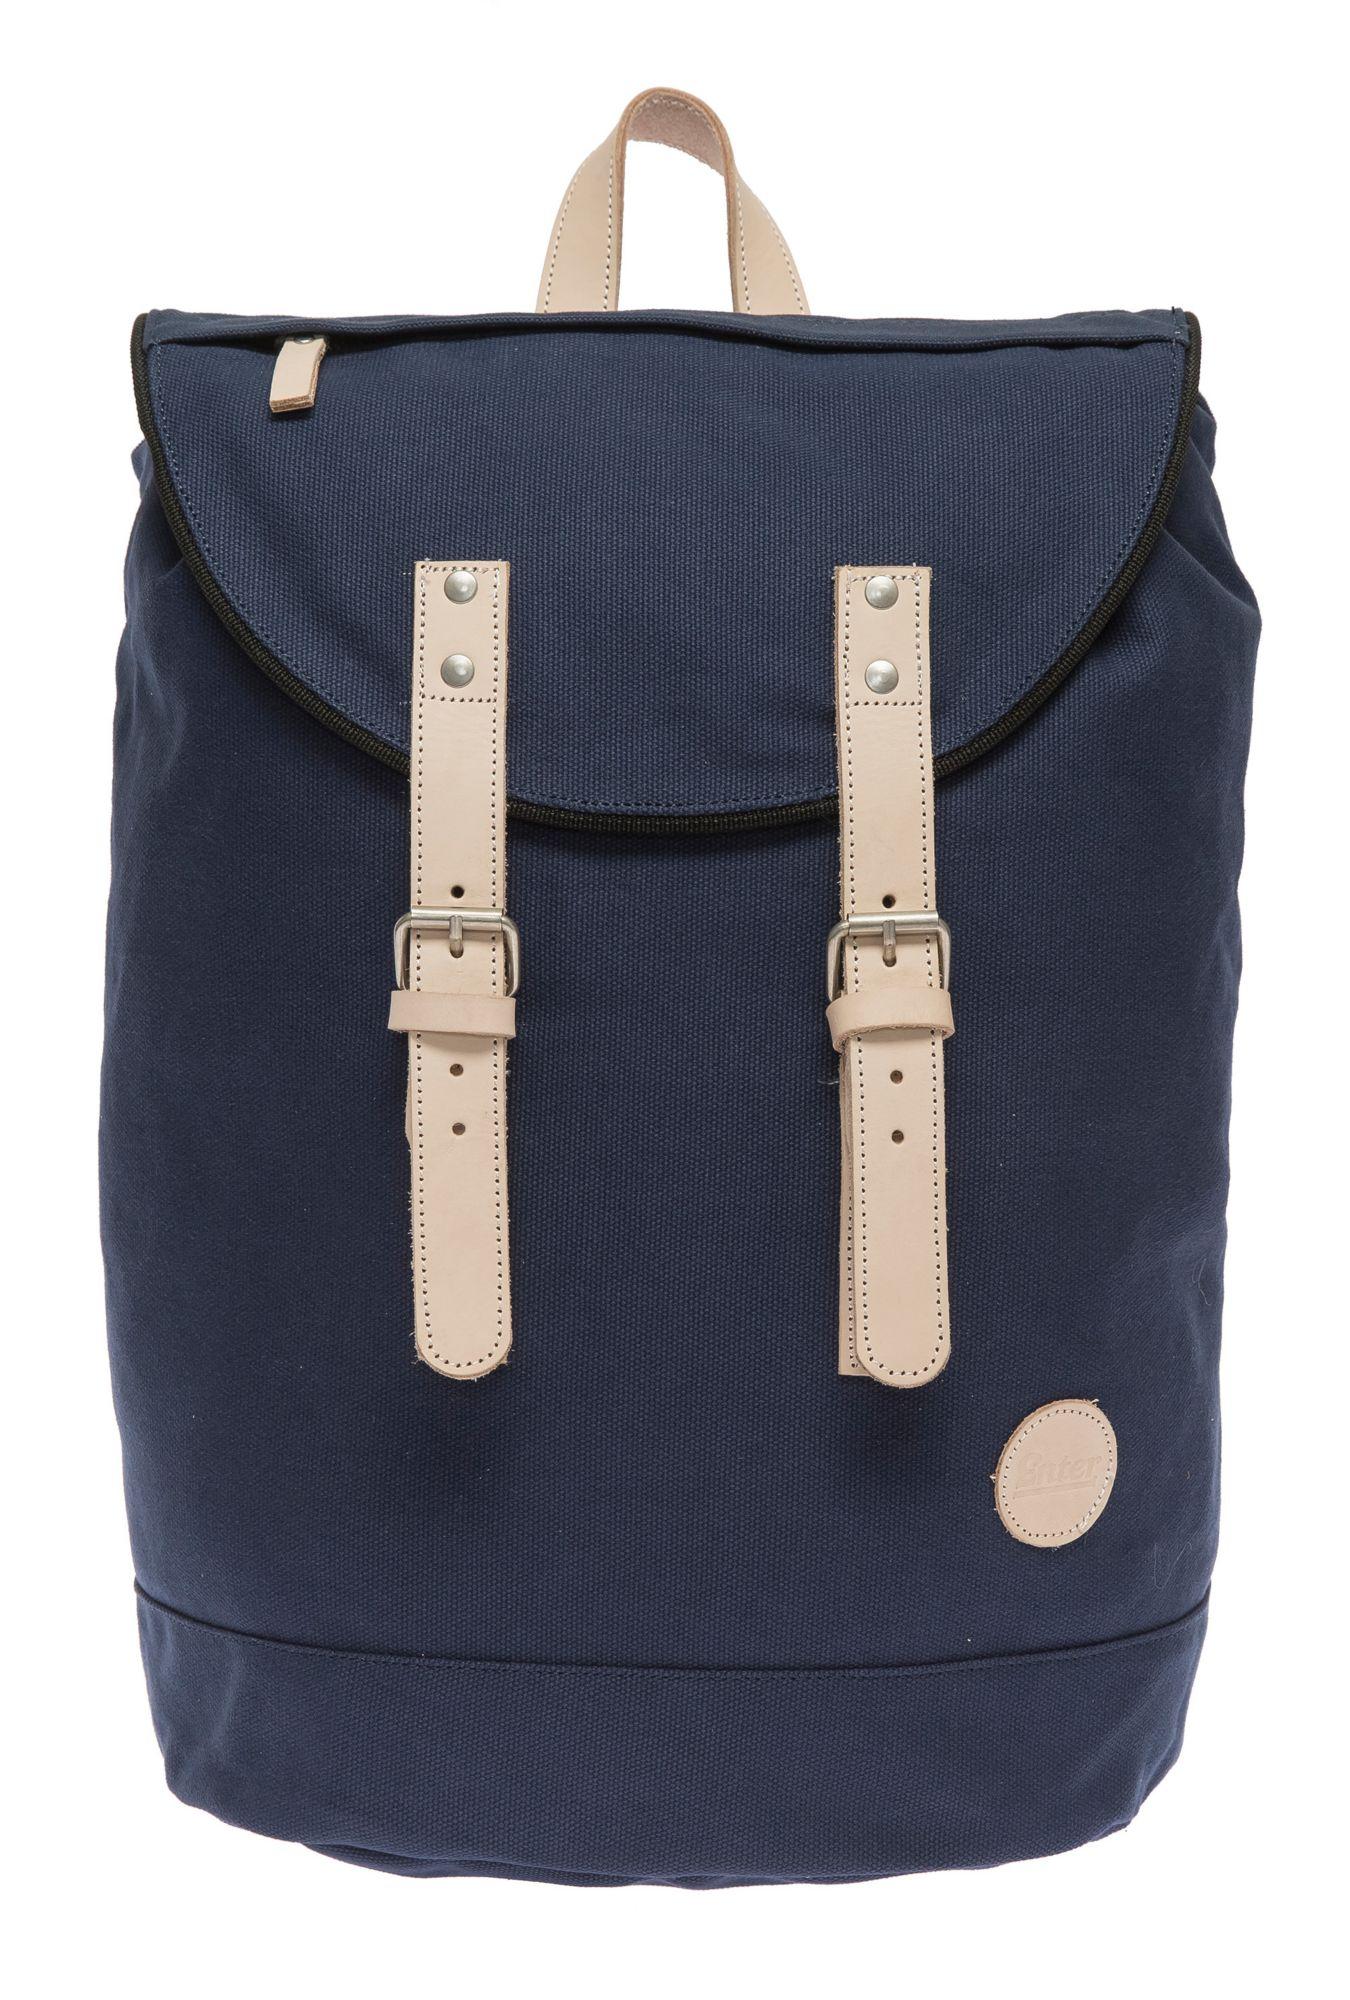 ENTER Enter Rucksack mit Echtleder-Applikationen, »Day Hiker Bag, Navy/Natural«